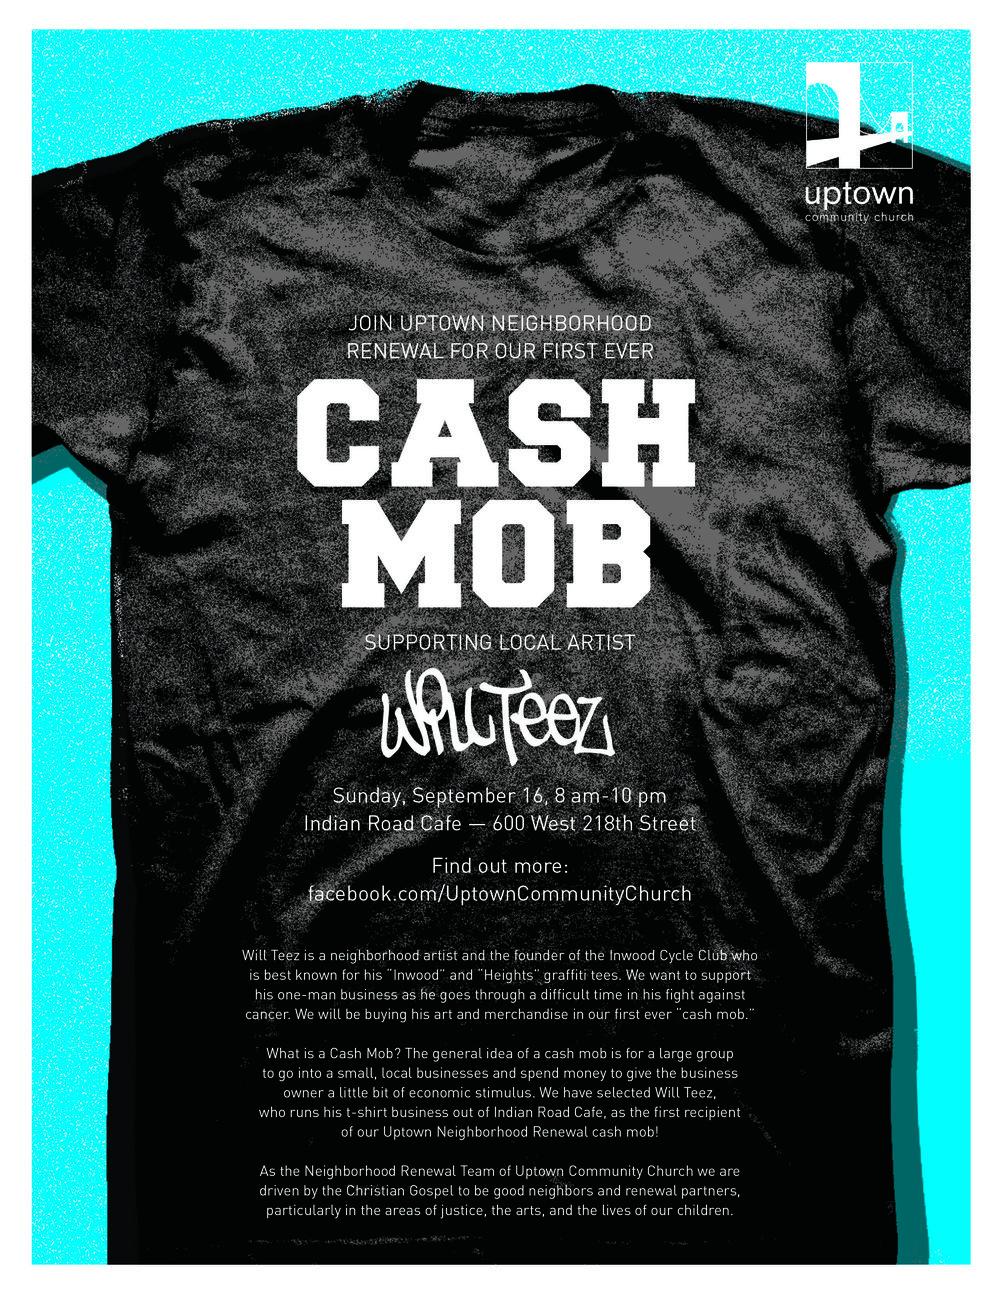 2012_Uptown_CashMob_WillTeez.jpg